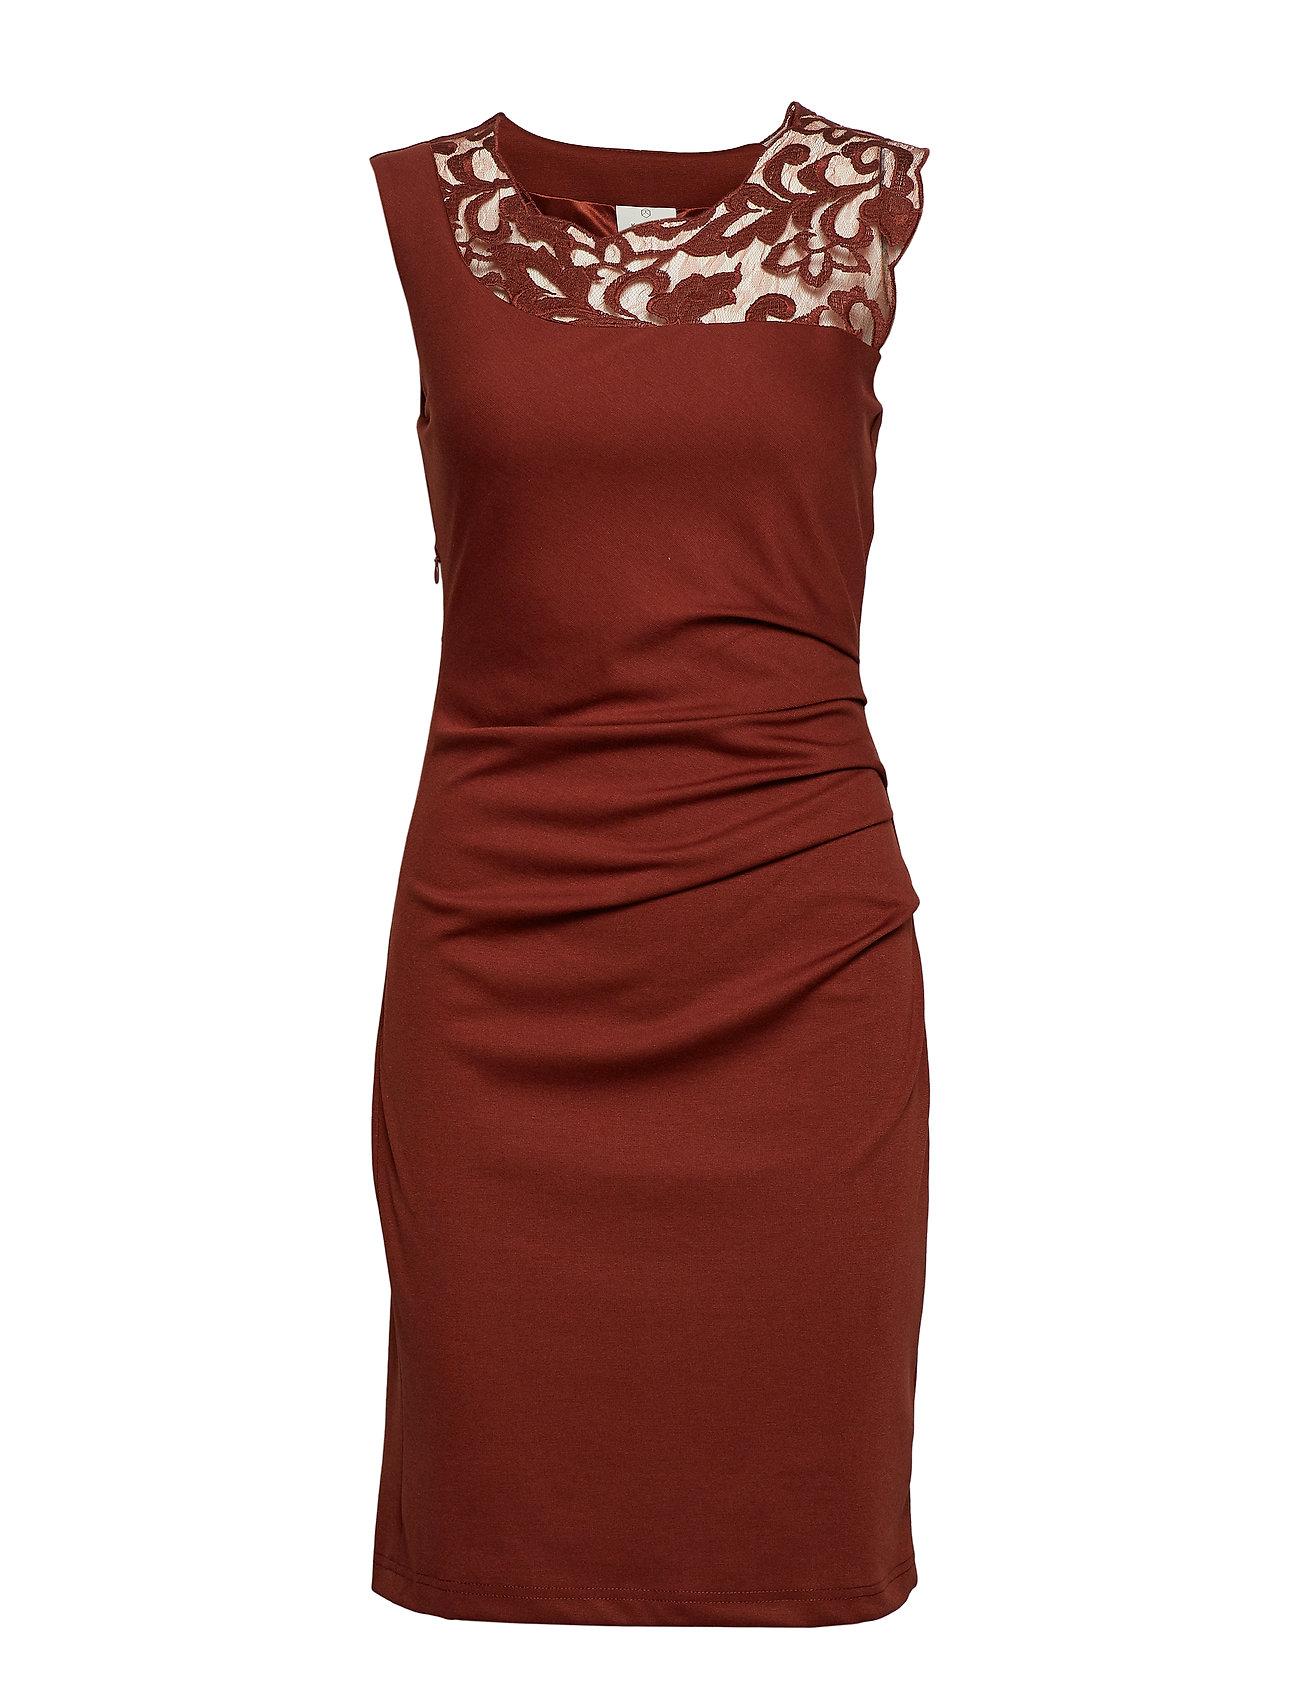 Kaffe India Vivi Dress - CHERRY MAHOGANY